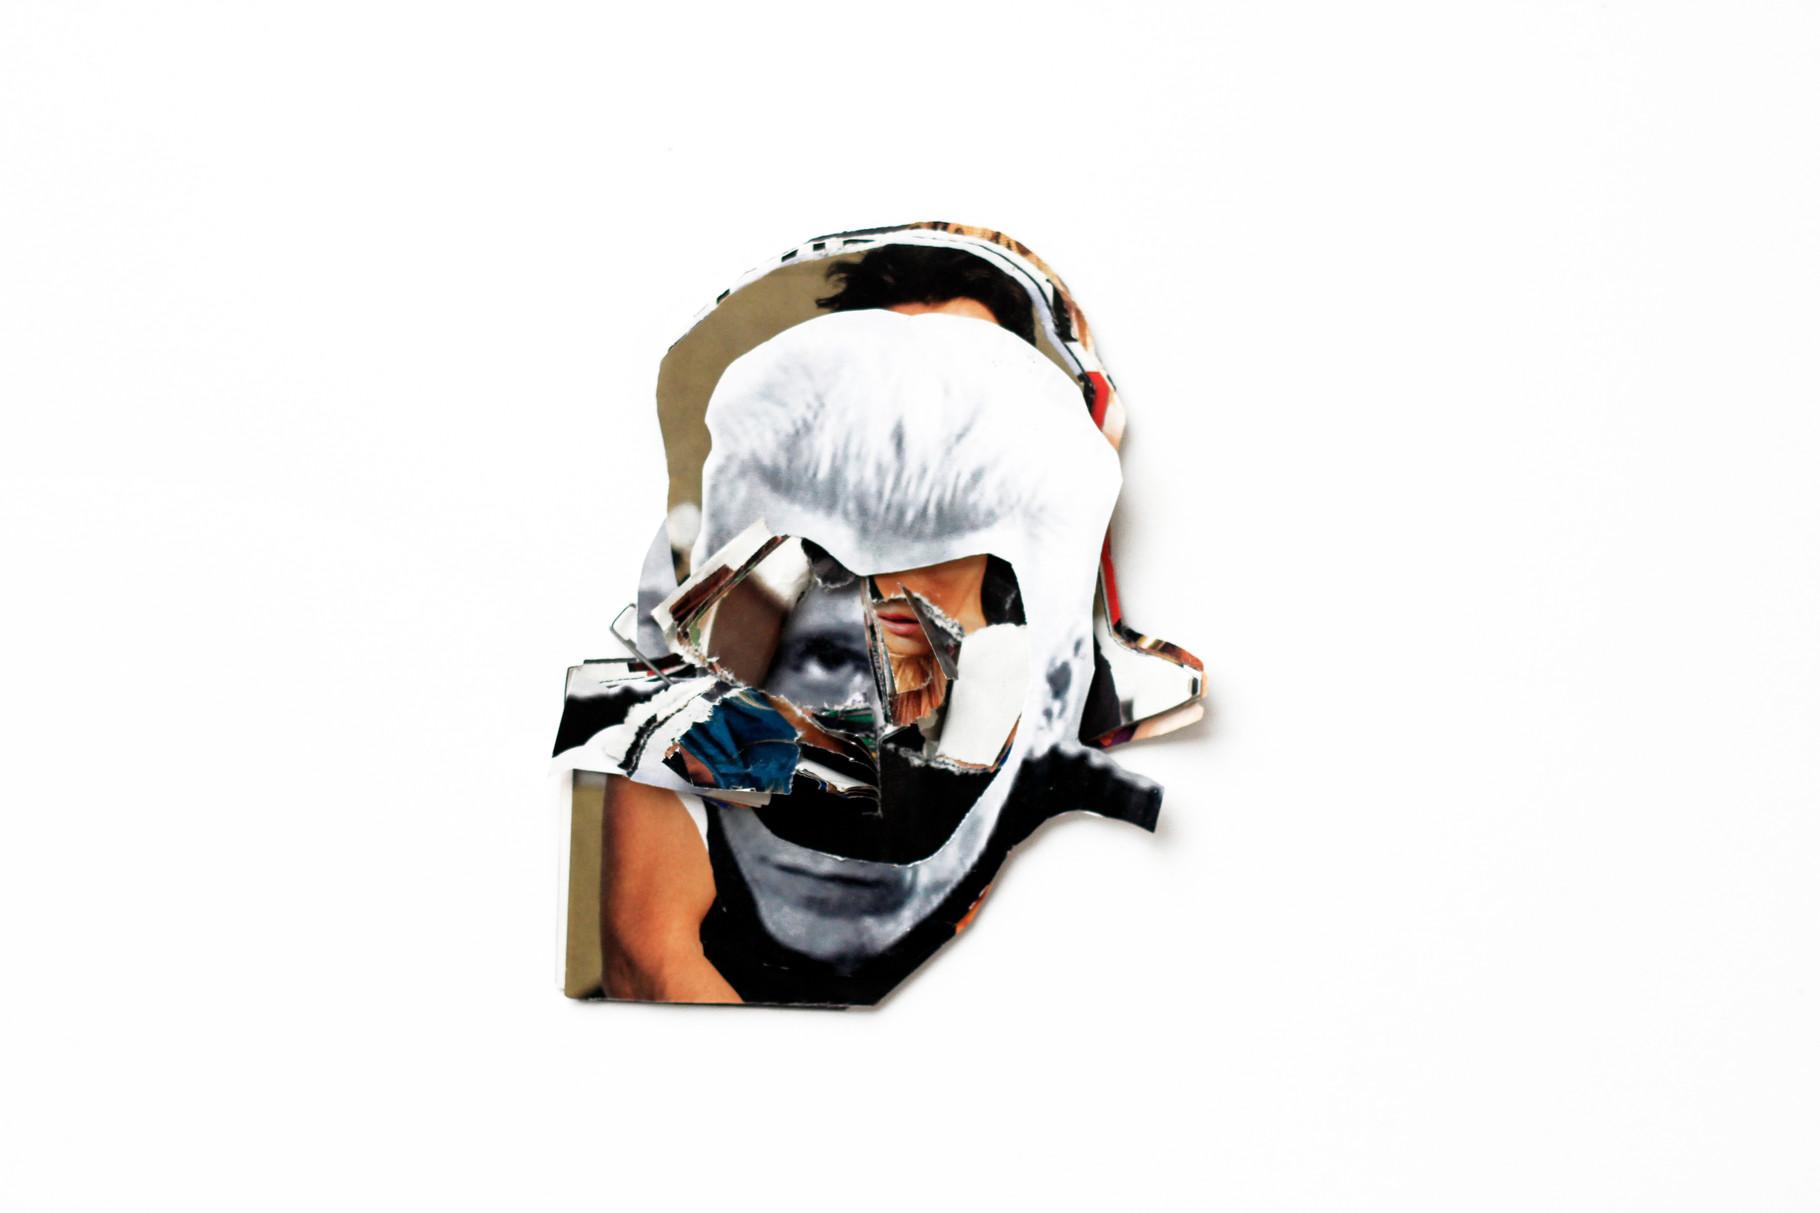 FARIN URLAUB / Rockstar